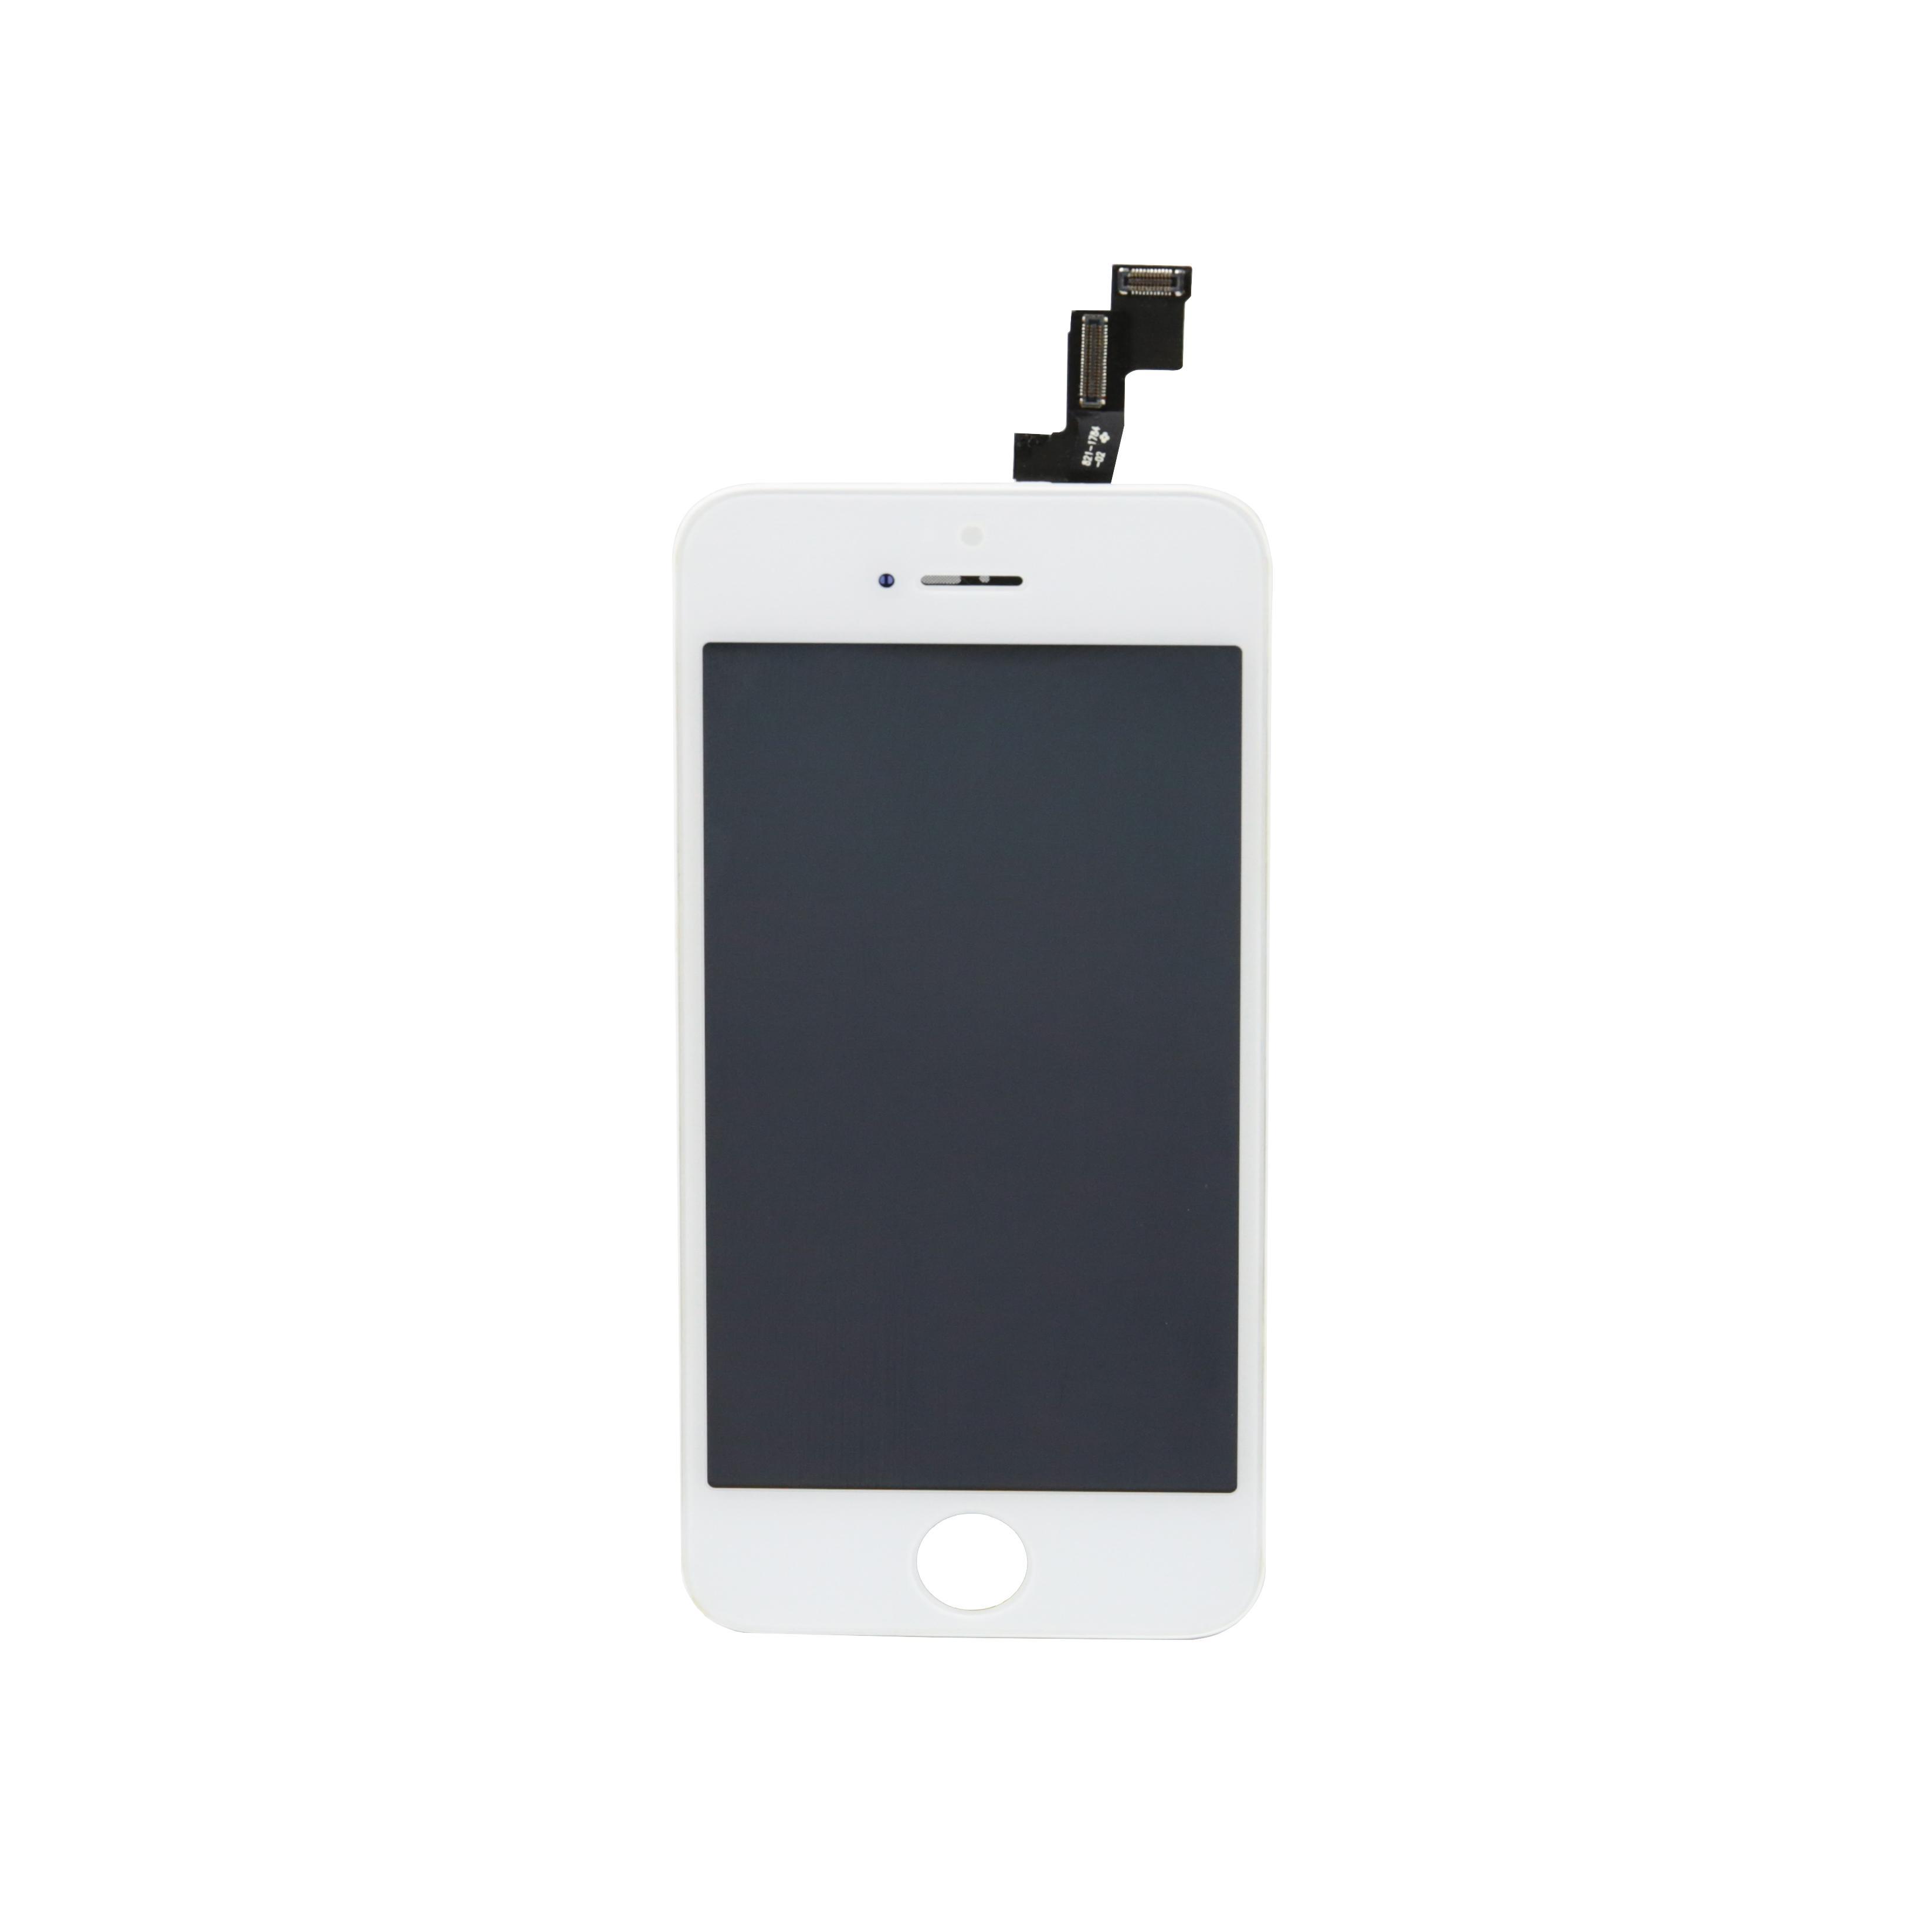 شاشة LCD آيفون 5 5S 5C عرض لوحات اللمس محول الأرقام استبدال التجميع الكامل لا بكسل ميت